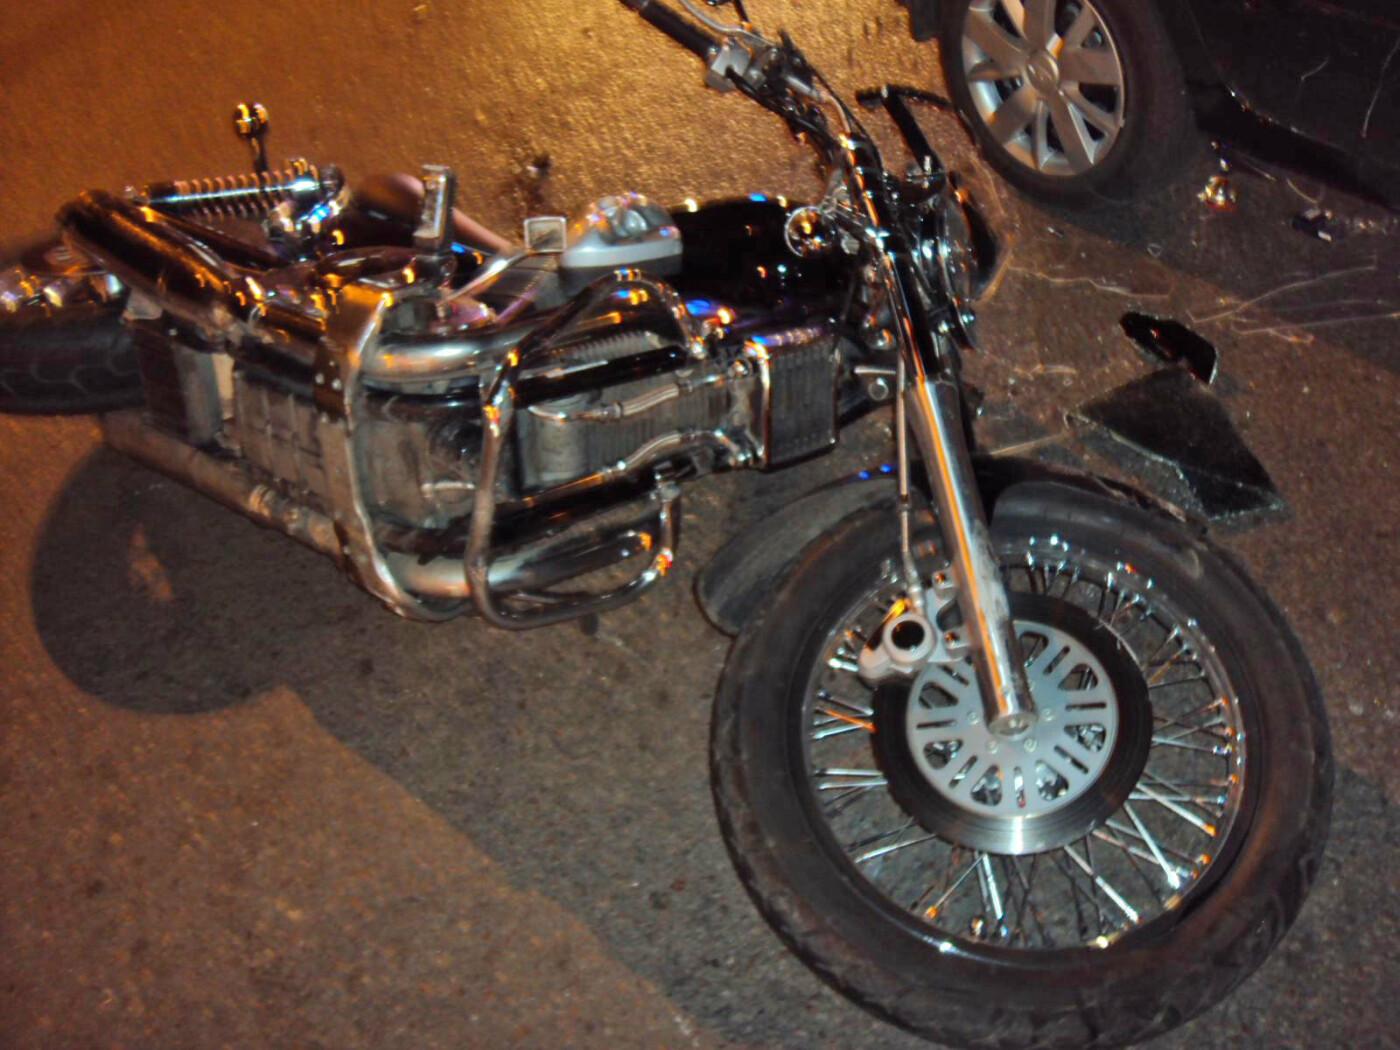 В Тамбове около «Улья» легковушка столкнулась с мотоциклом: двух человек госпитализировали, фото-1